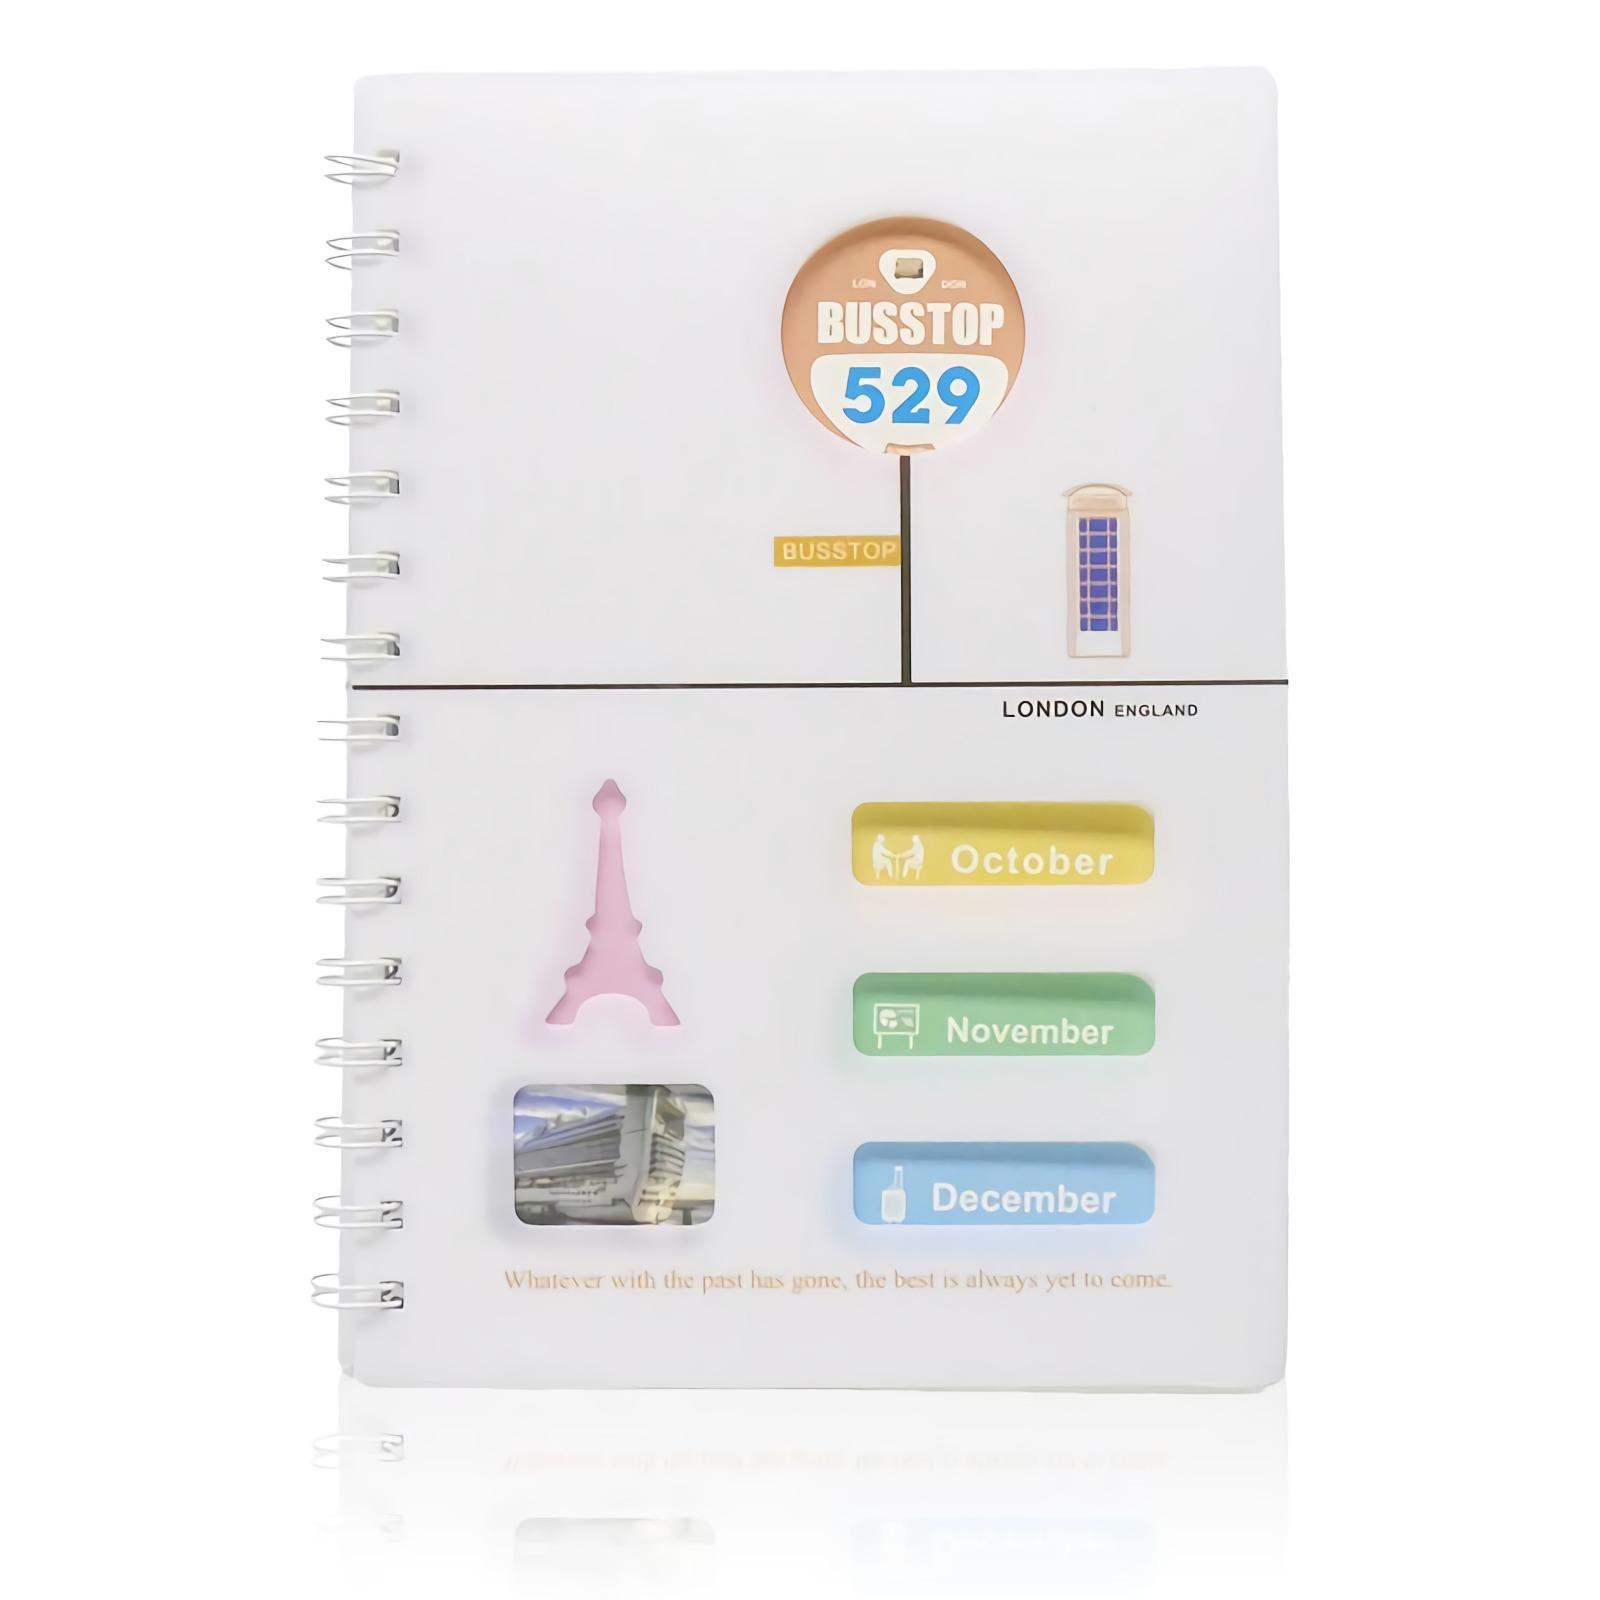 OHOME Buku Tulis [78 Lembar] Note Book Busstop Ukuran A5 Notebook Catatan MS-25100-39 Merah